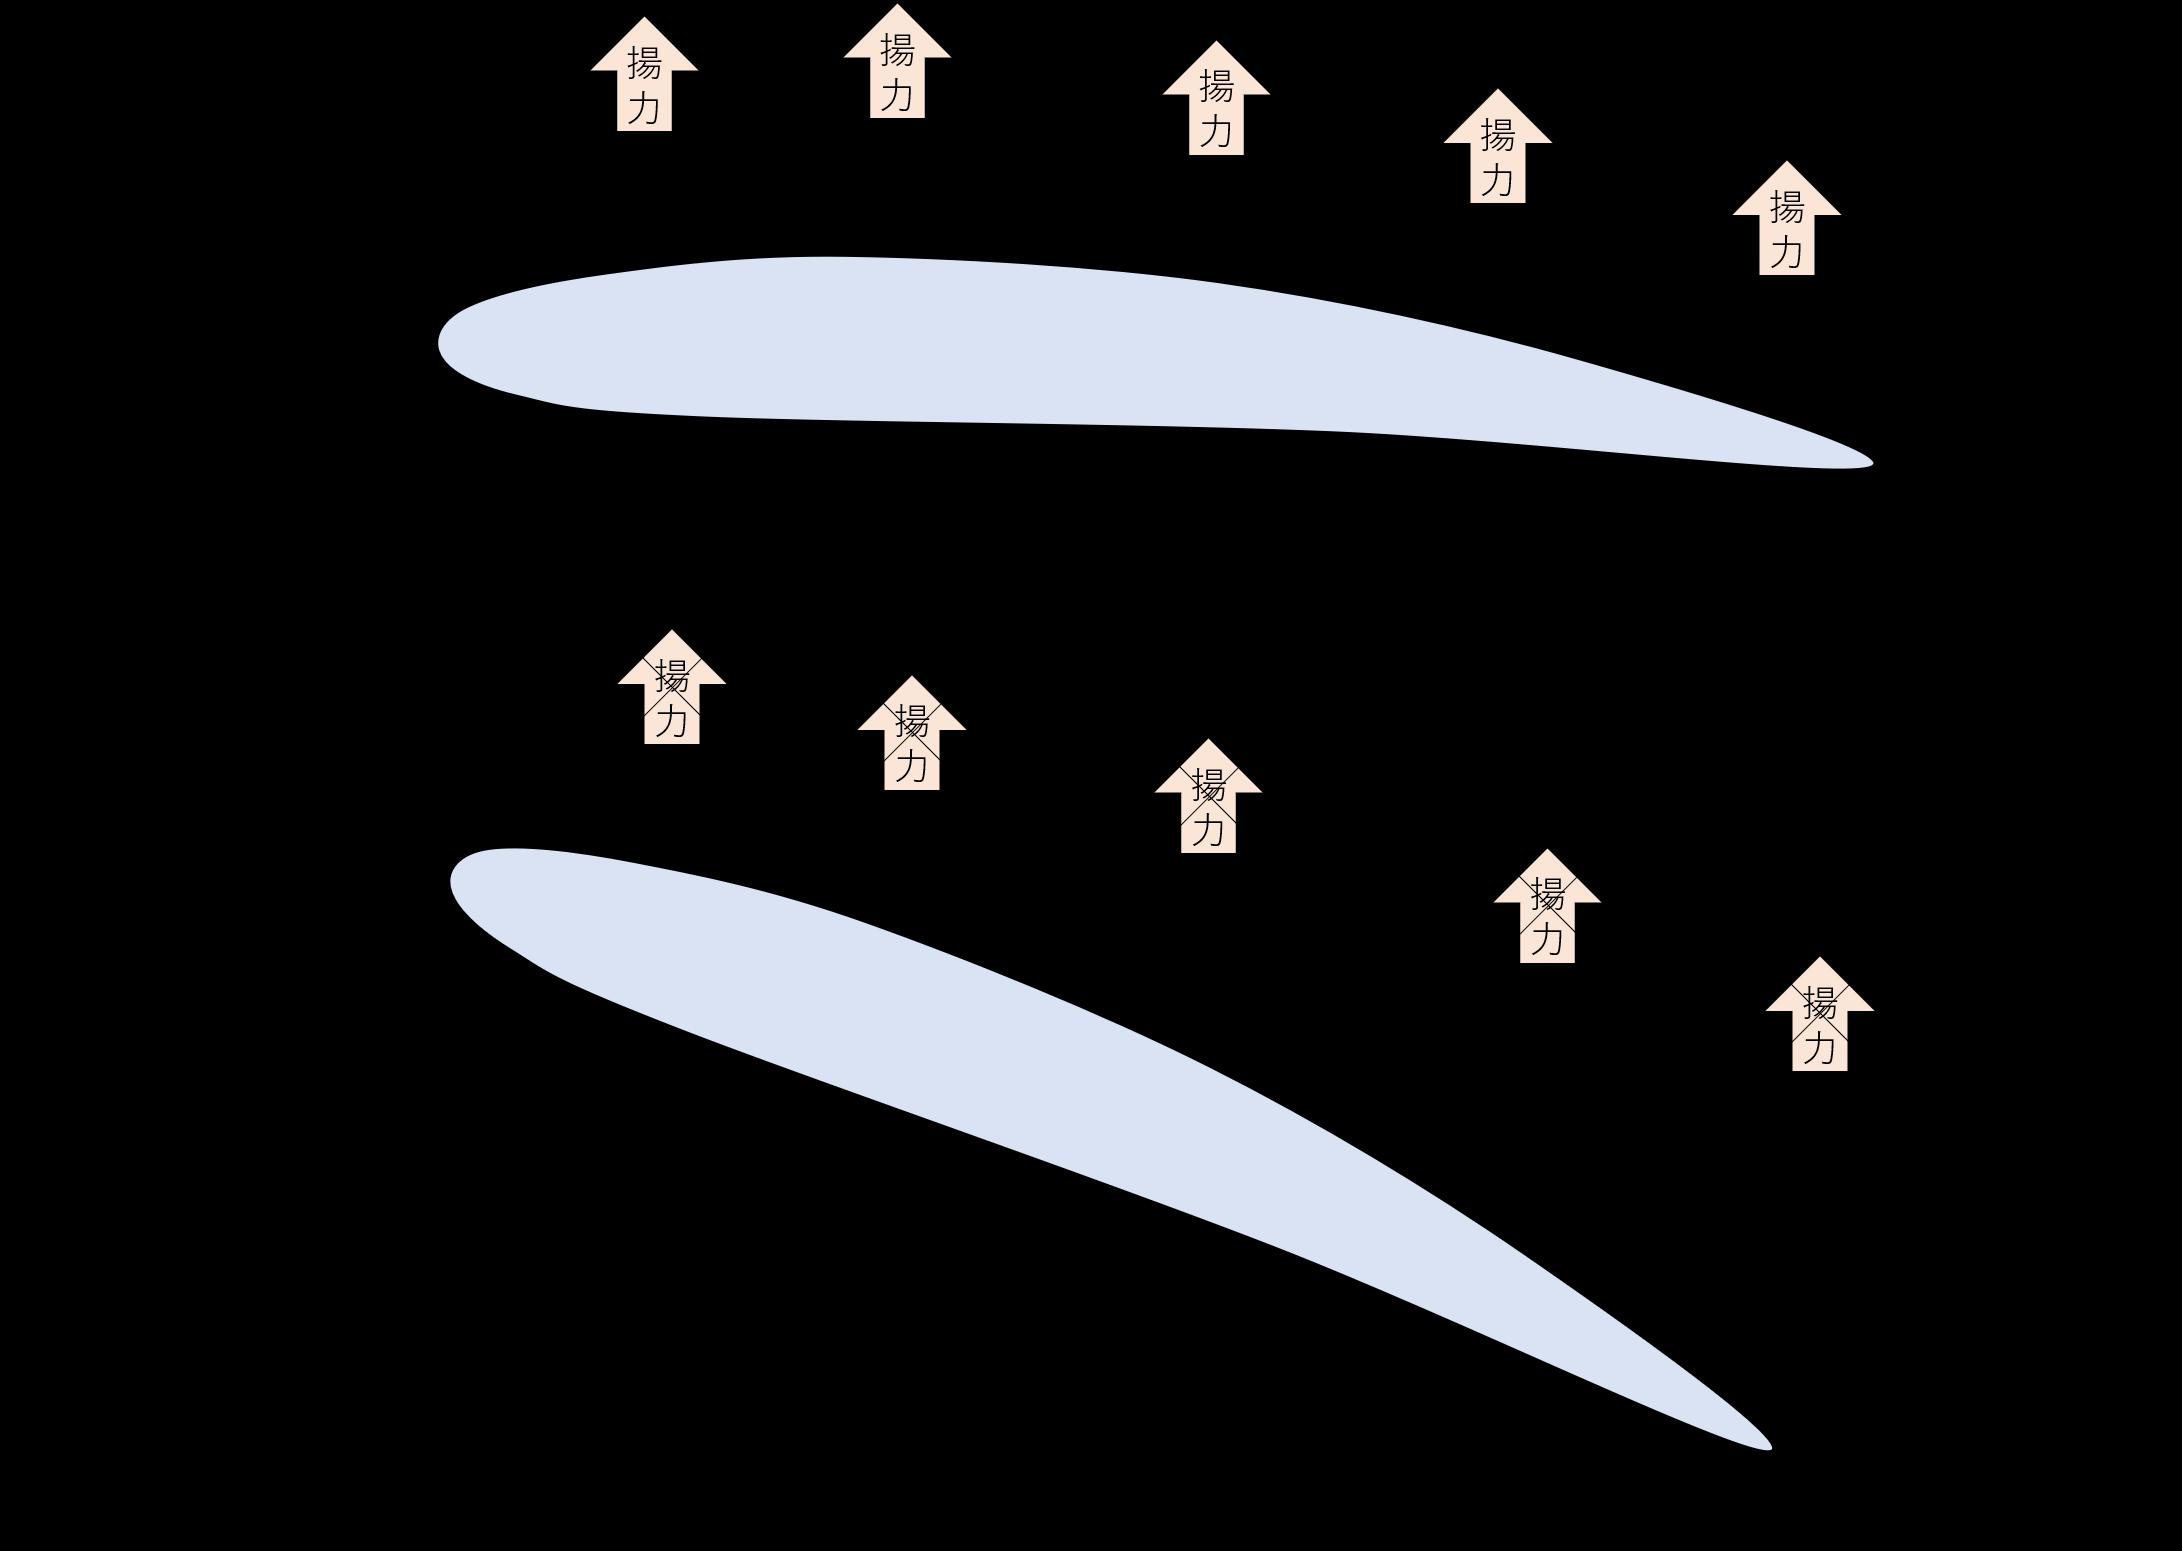 失速のイメージ図